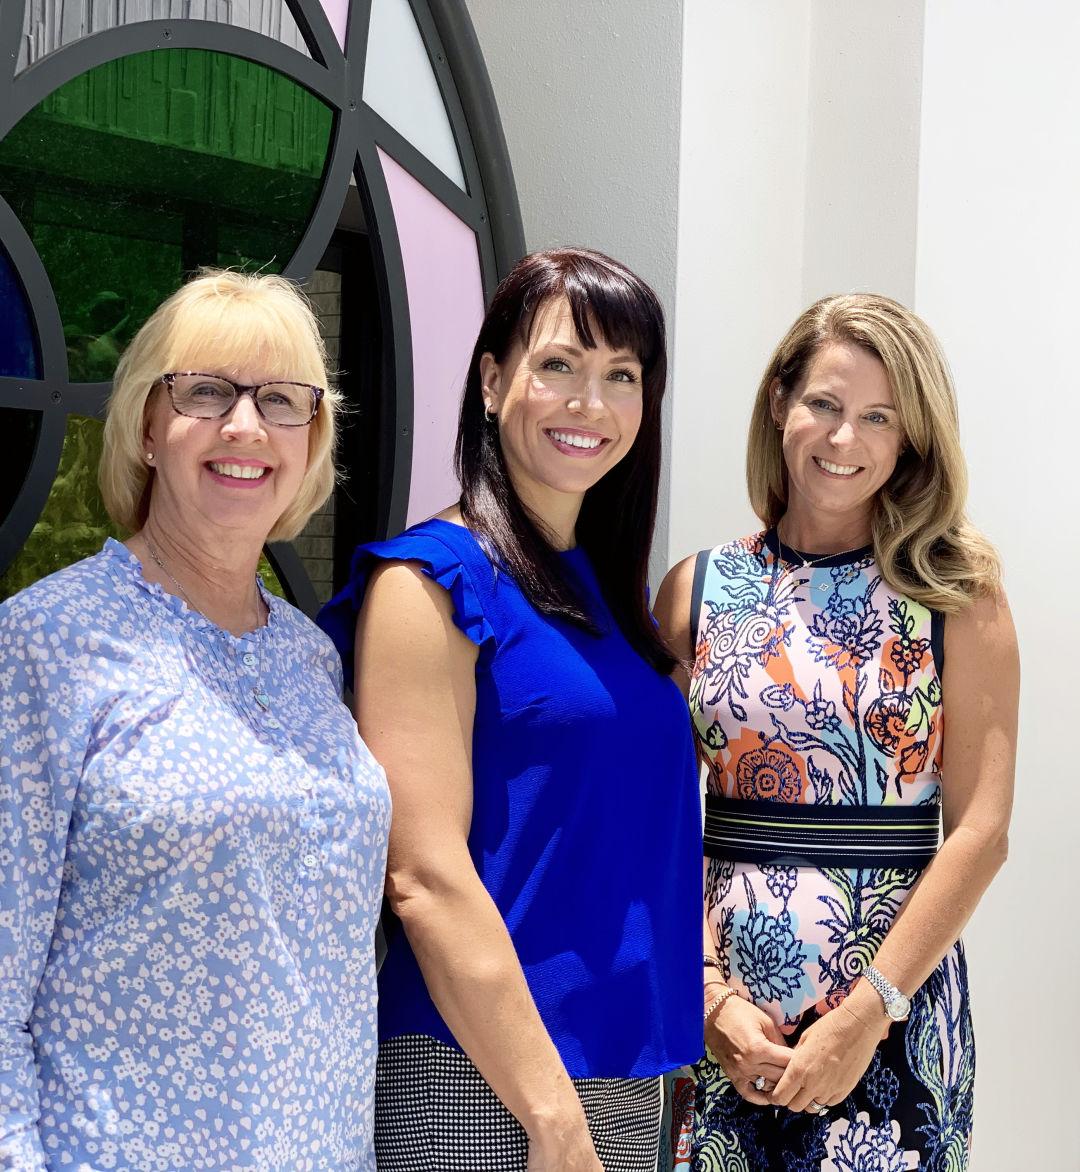 Freya Robbins, Jennifer Steube and Tina Granthon